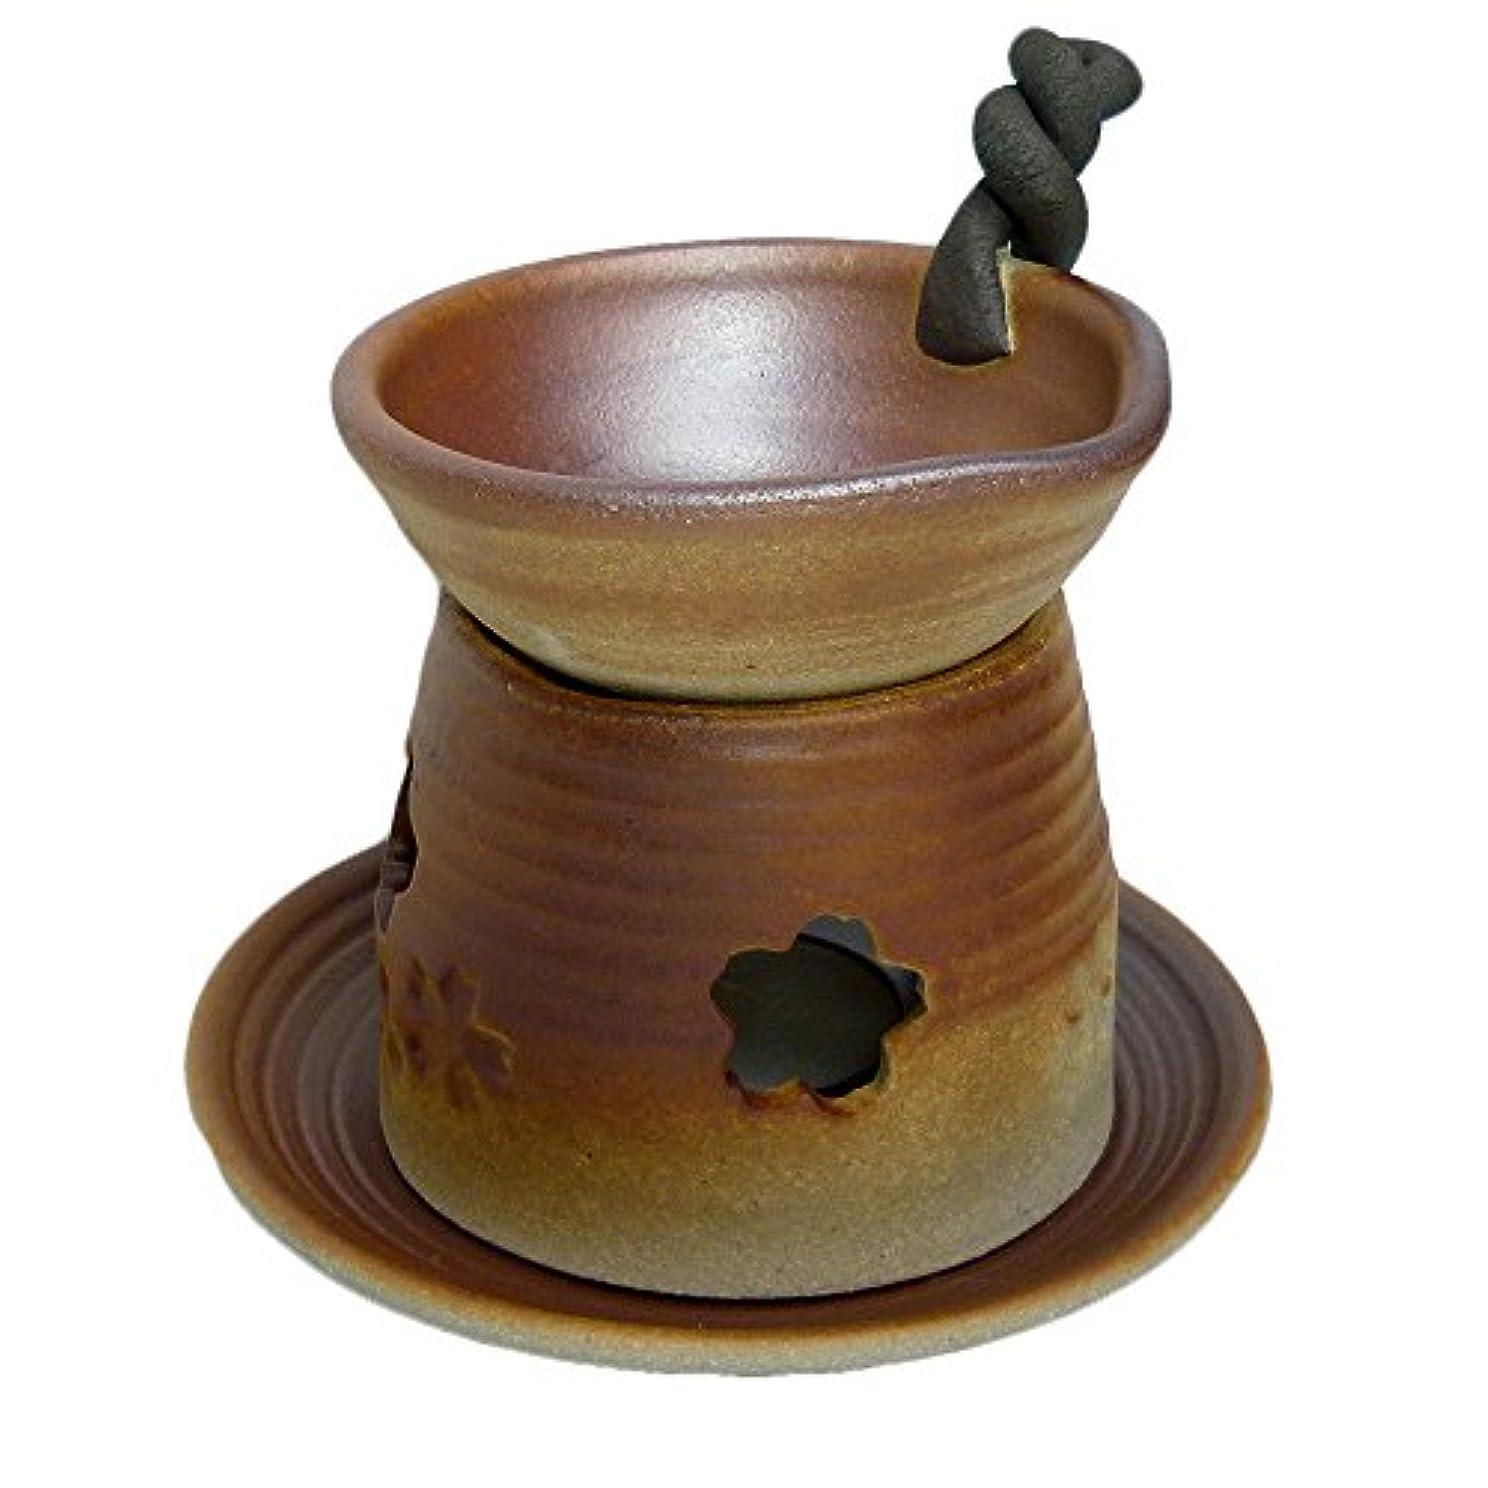 ピンかび臭い上向き香炉 錆吹き 手付茶香炉 [H13.5cm] HANDMADE プレゼント ギフト 和食器 かわいい インテリア